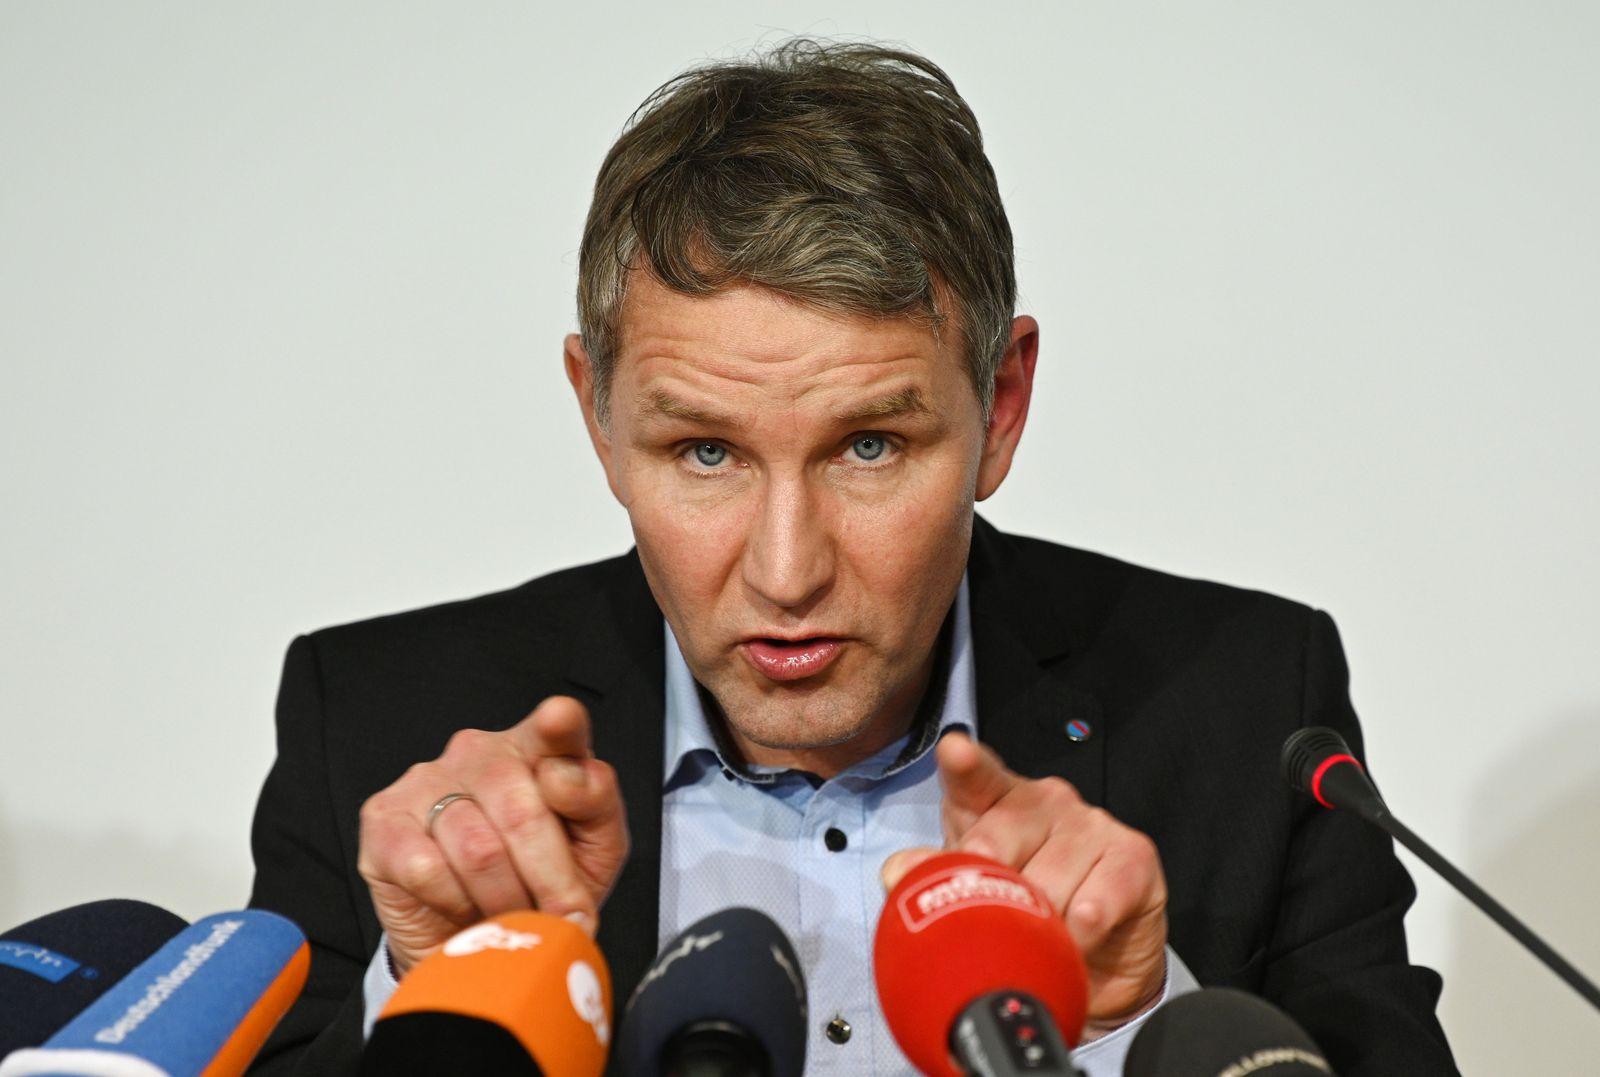 Landespressekonferenz im Thüringer Landtag